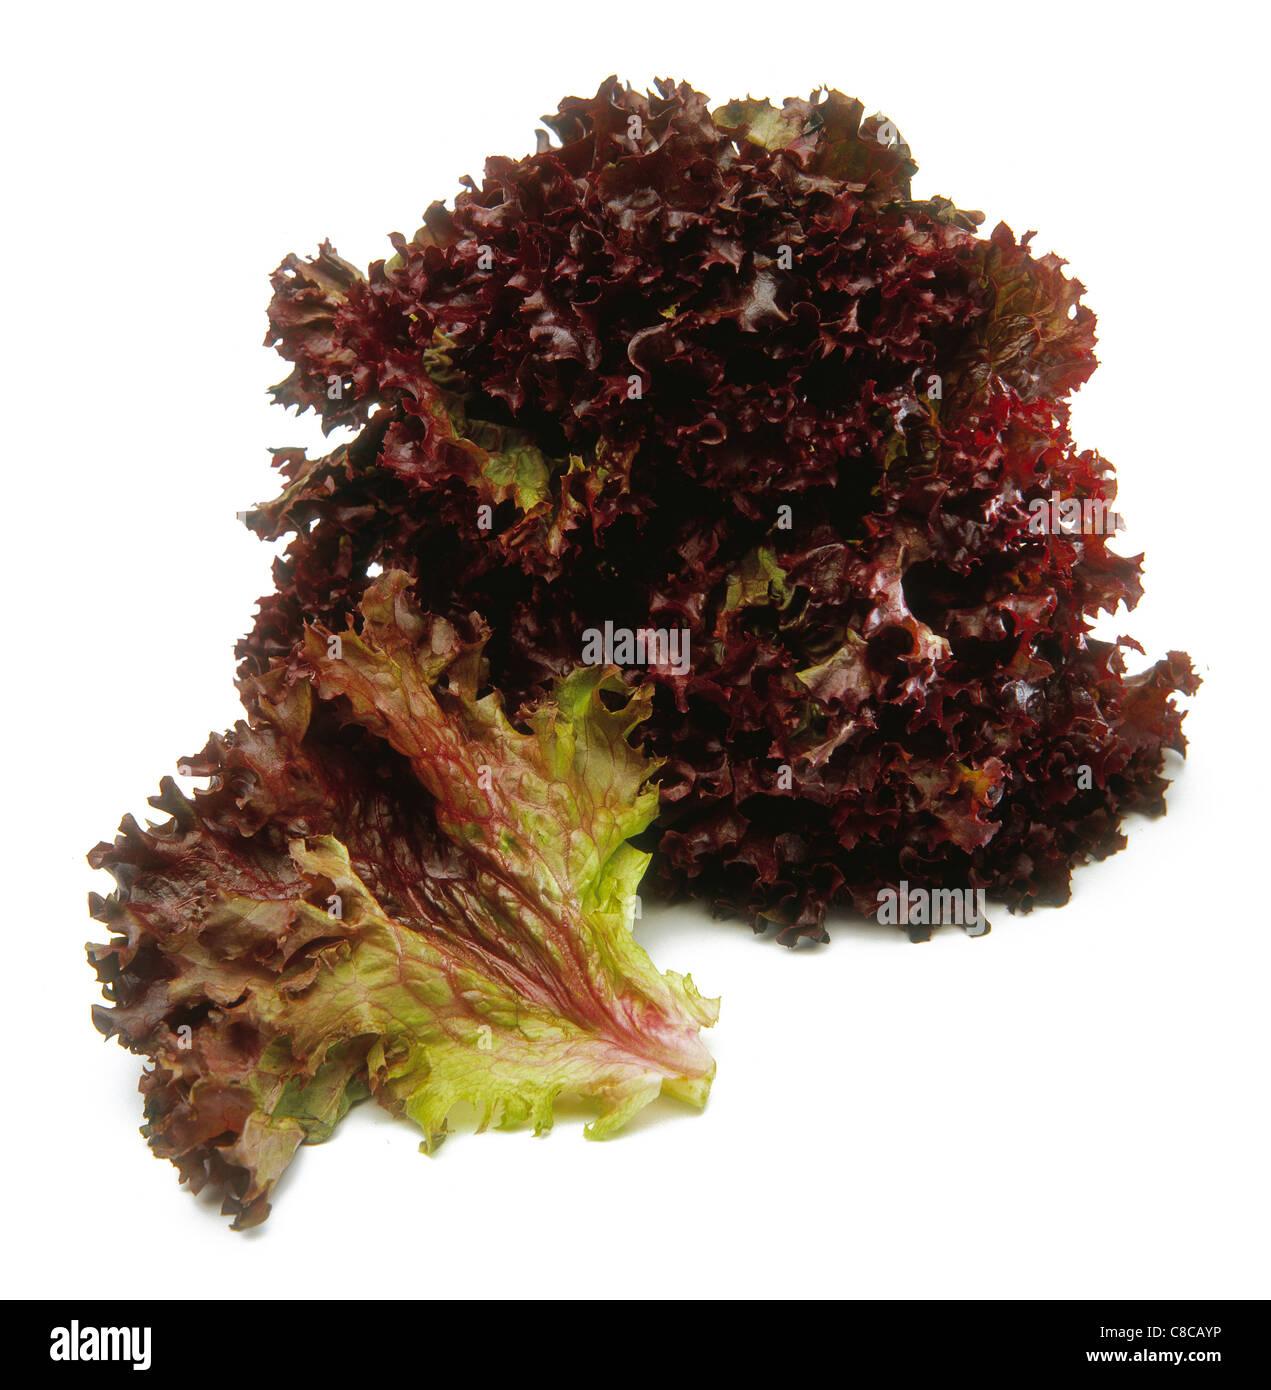 lollo rosso lettuce stockfotos lollo rosso lettuce. Black Bedroom Furniture Sets. Home Design Ideas